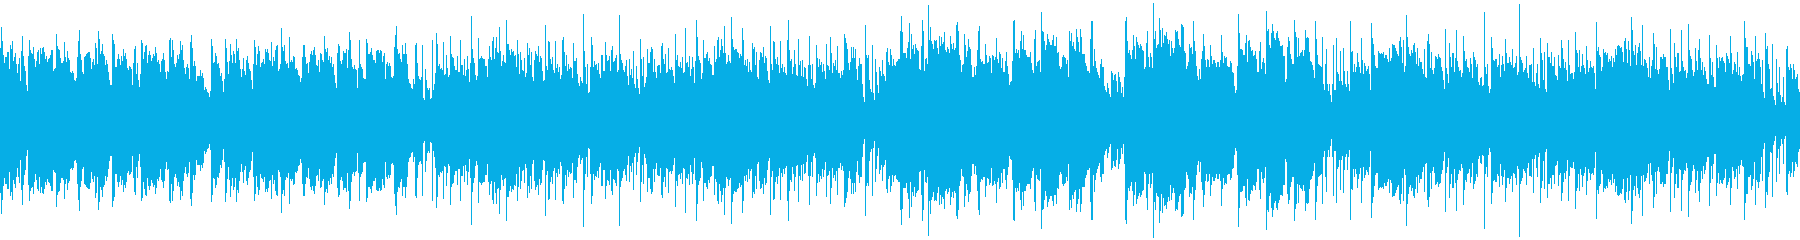 Refreshing violin / quiet / loop's reproduced waveform